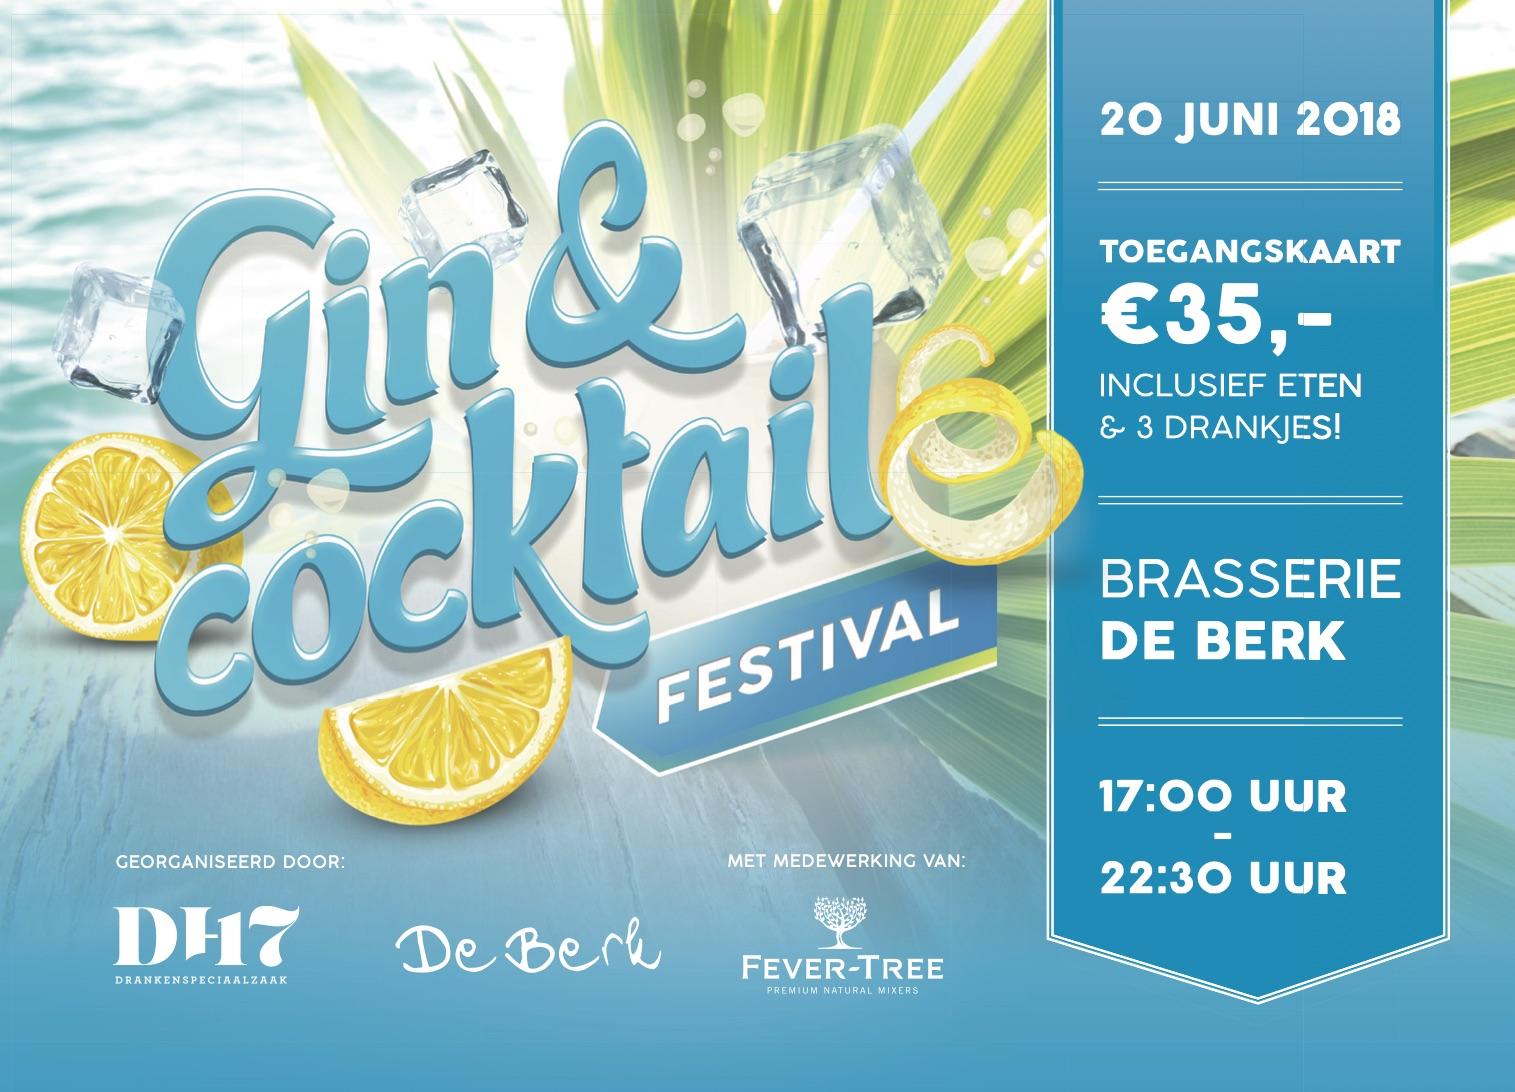 Gin & Cocktail Festival – praktische info